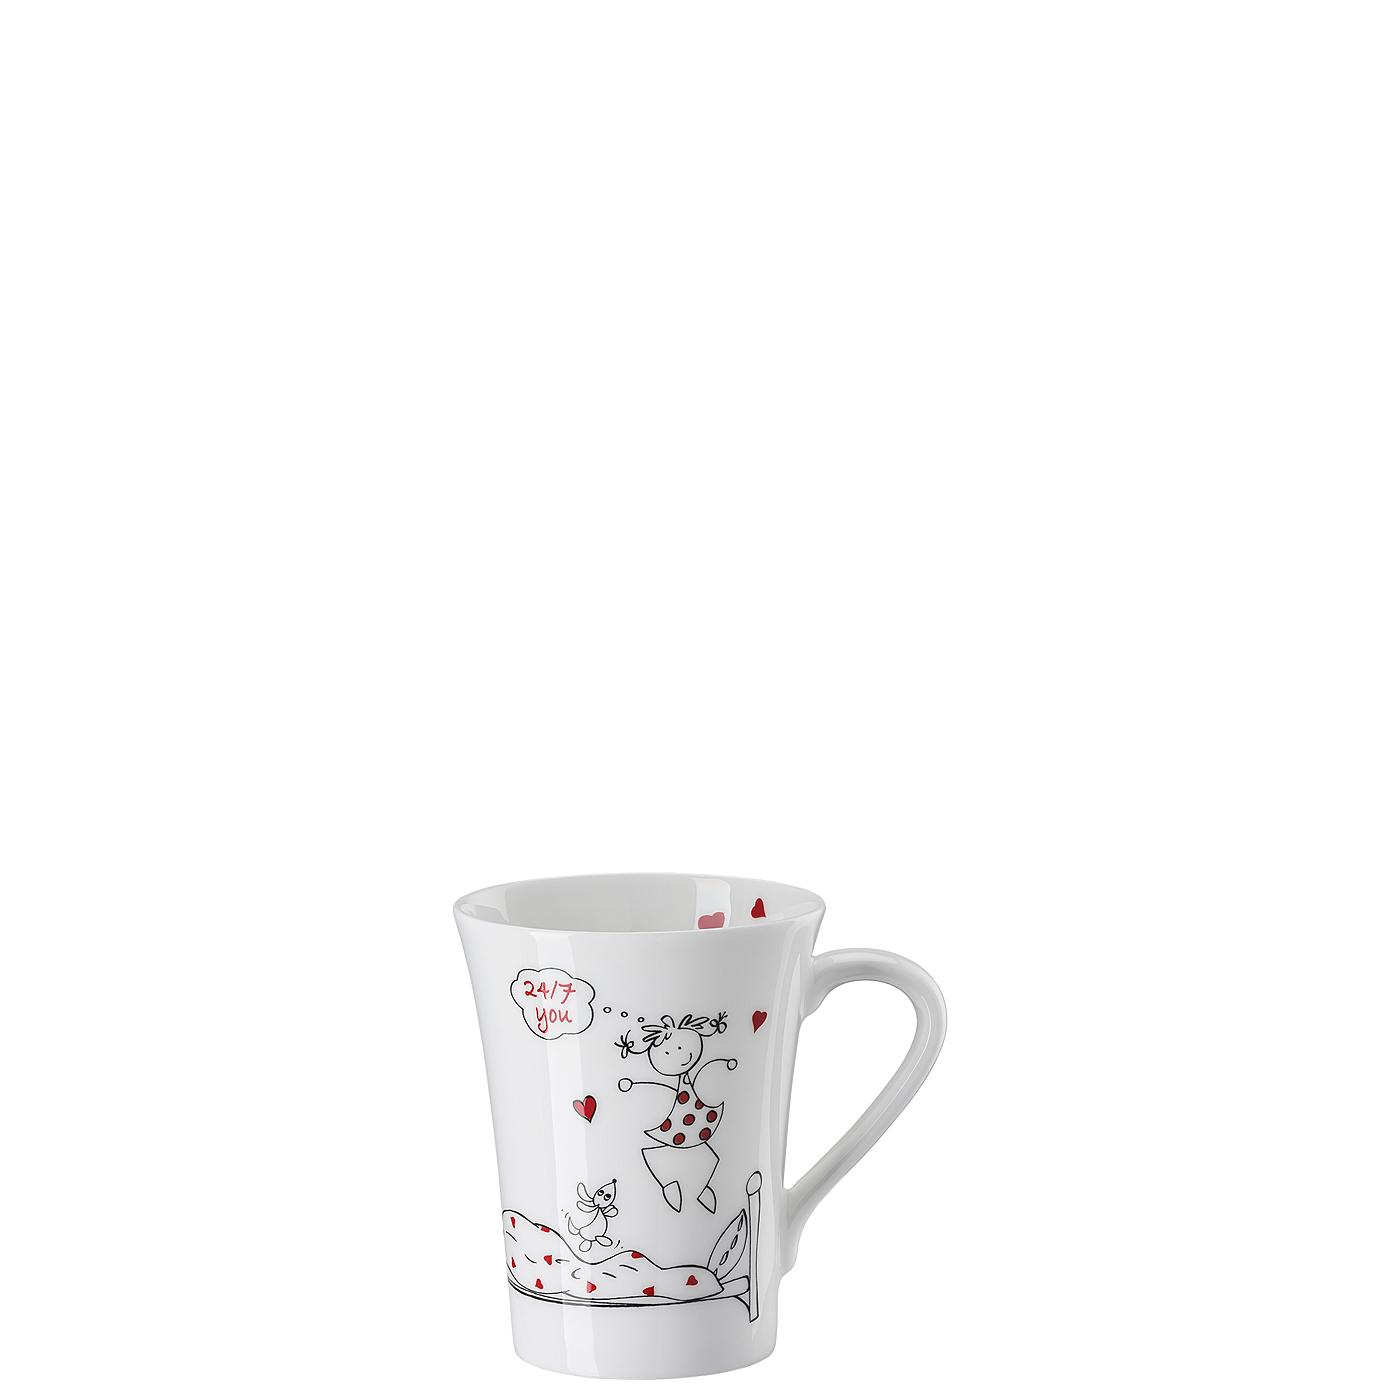 Becher mit Henkel My Mug Collection Friends - 24/7 you Hutschenreuther